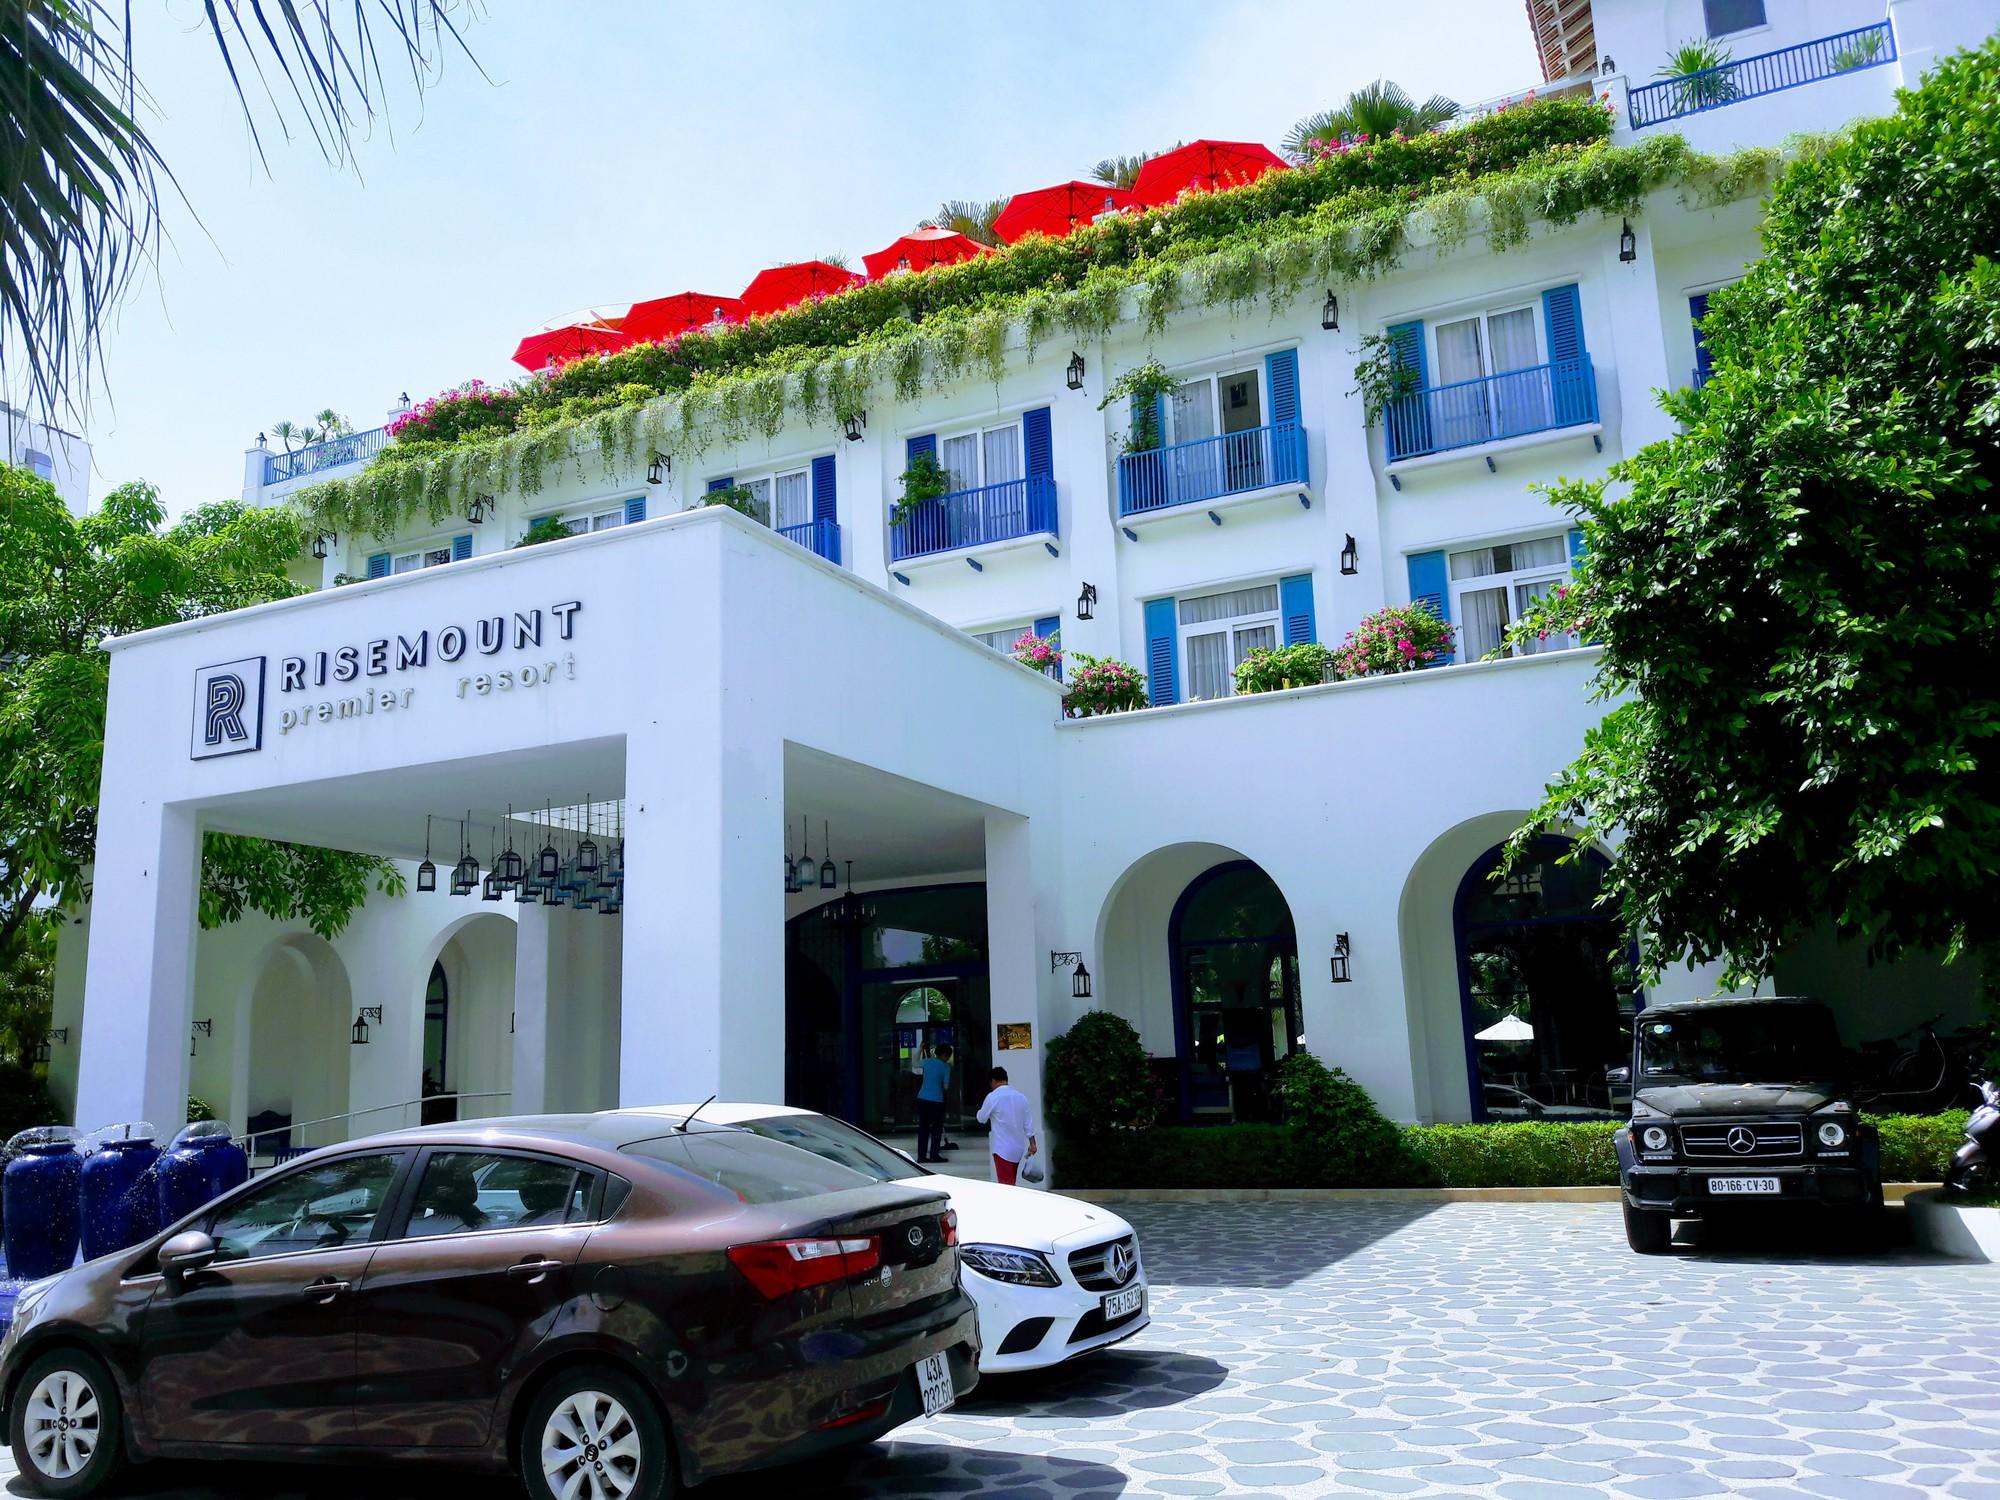 Hàng loạt khách sạn 5 sao Đà Nẵng vi phạm quy định xử lí nước thải, bị phạt 630 triệu đồng - Ảnh 1.